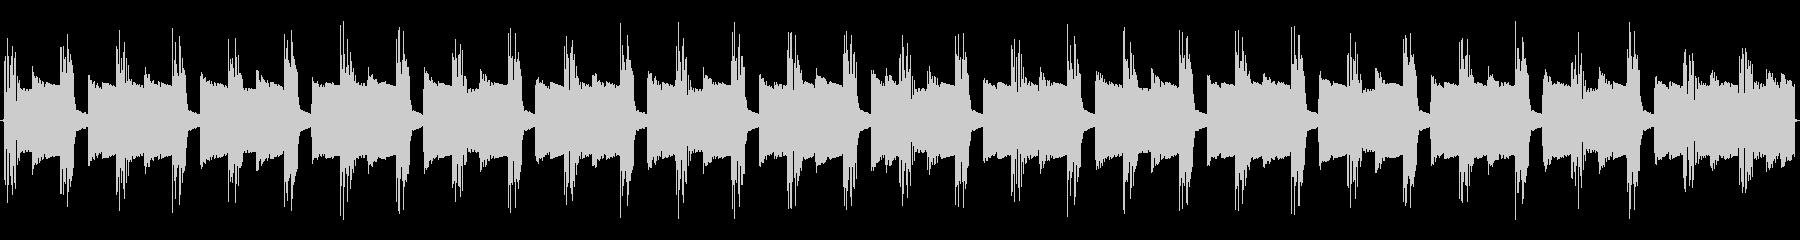 チップチューンの痛快な短いループ2の未再生の波形